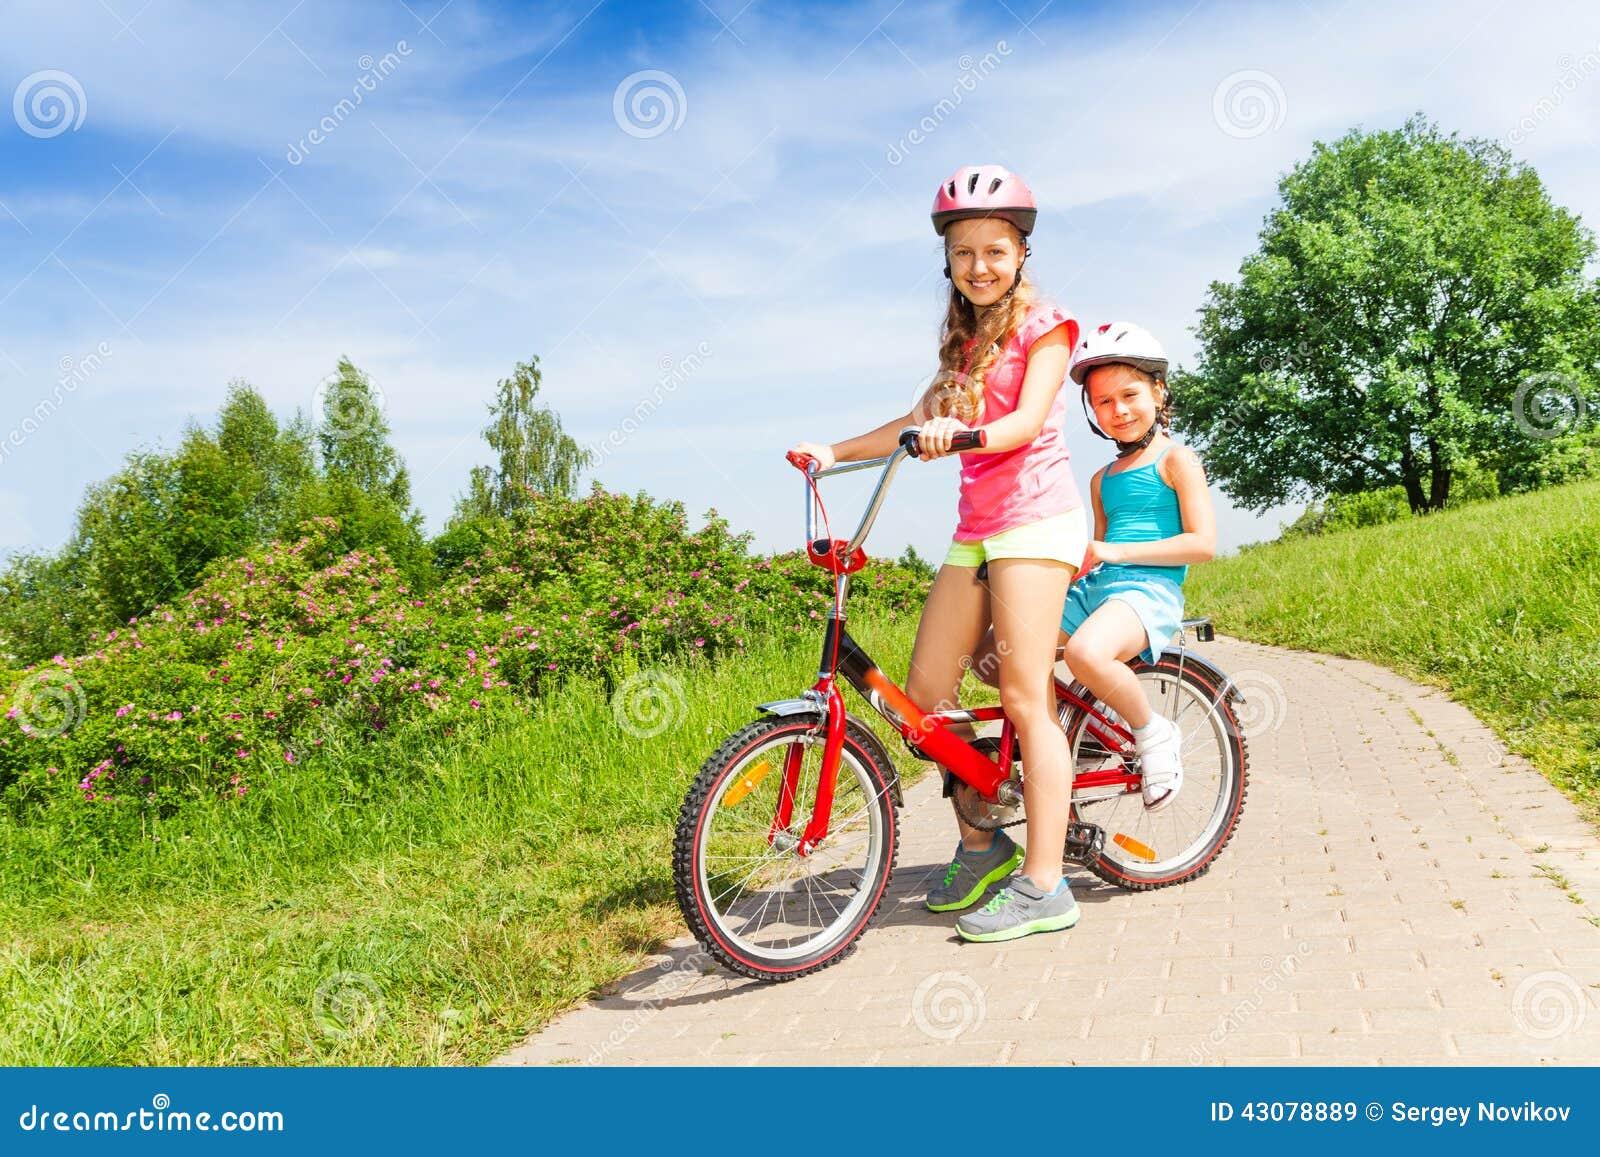 zwei kleine m dchen sitzen auf einem fahrrad stockfoto. Black Bedroom Furniture Sets. Home Design Ideas